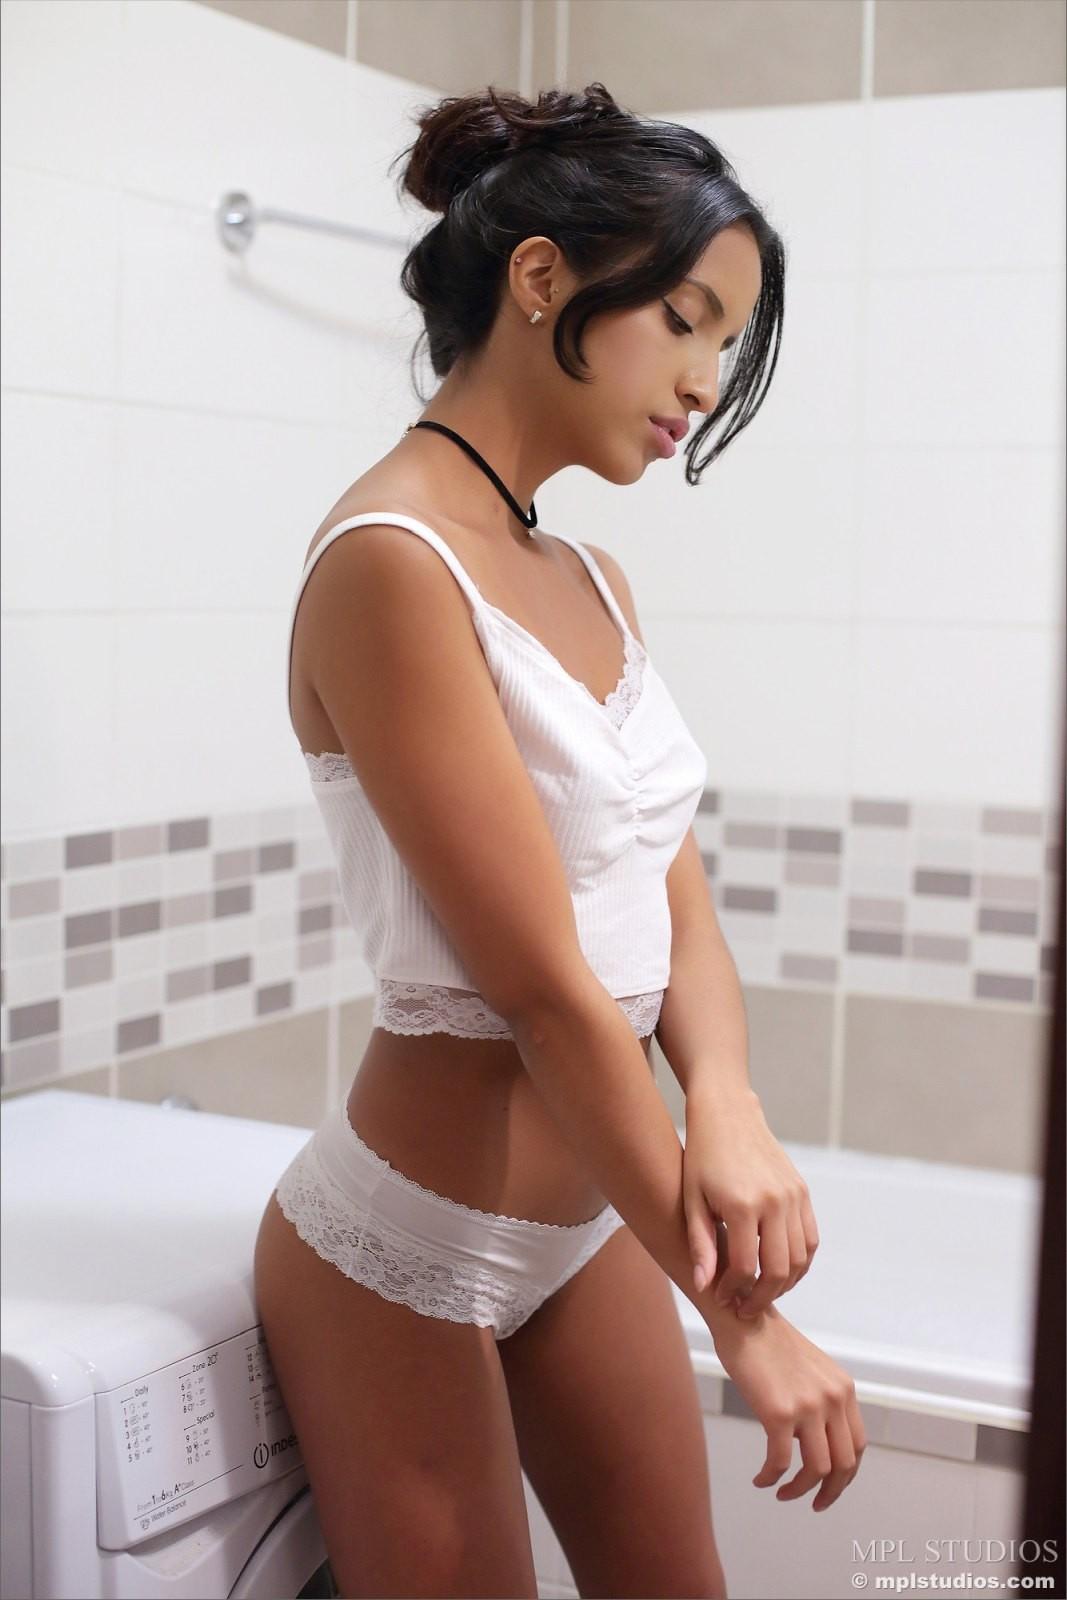 Сексуальная латинка показала себя голой в ванной - фото